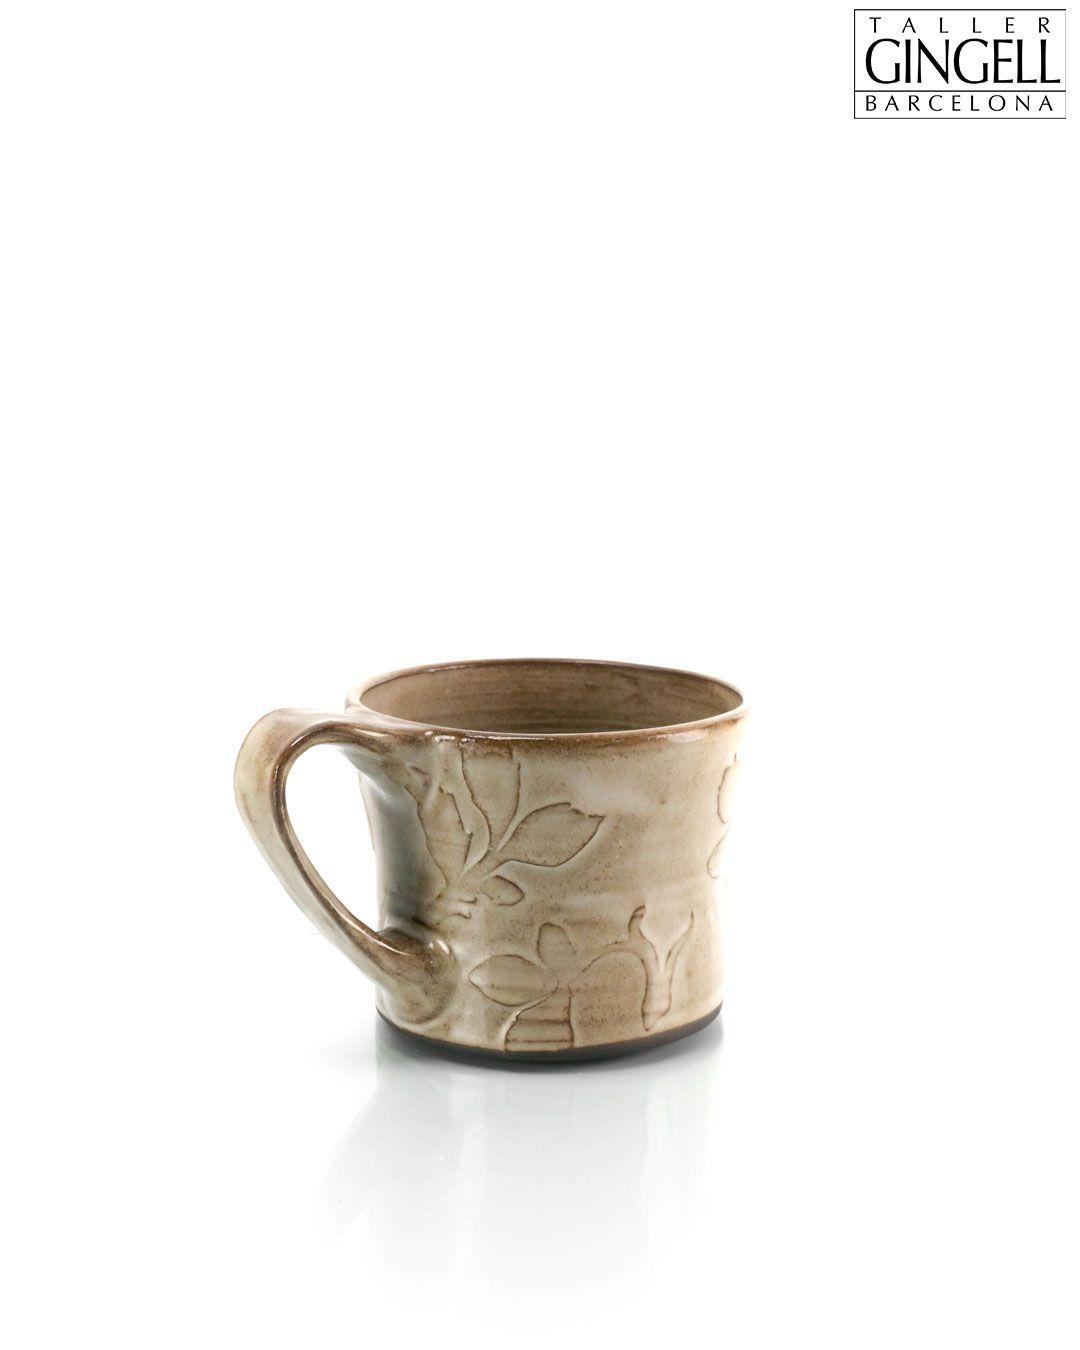 Large black clay mug, 10 cm (3 1/4